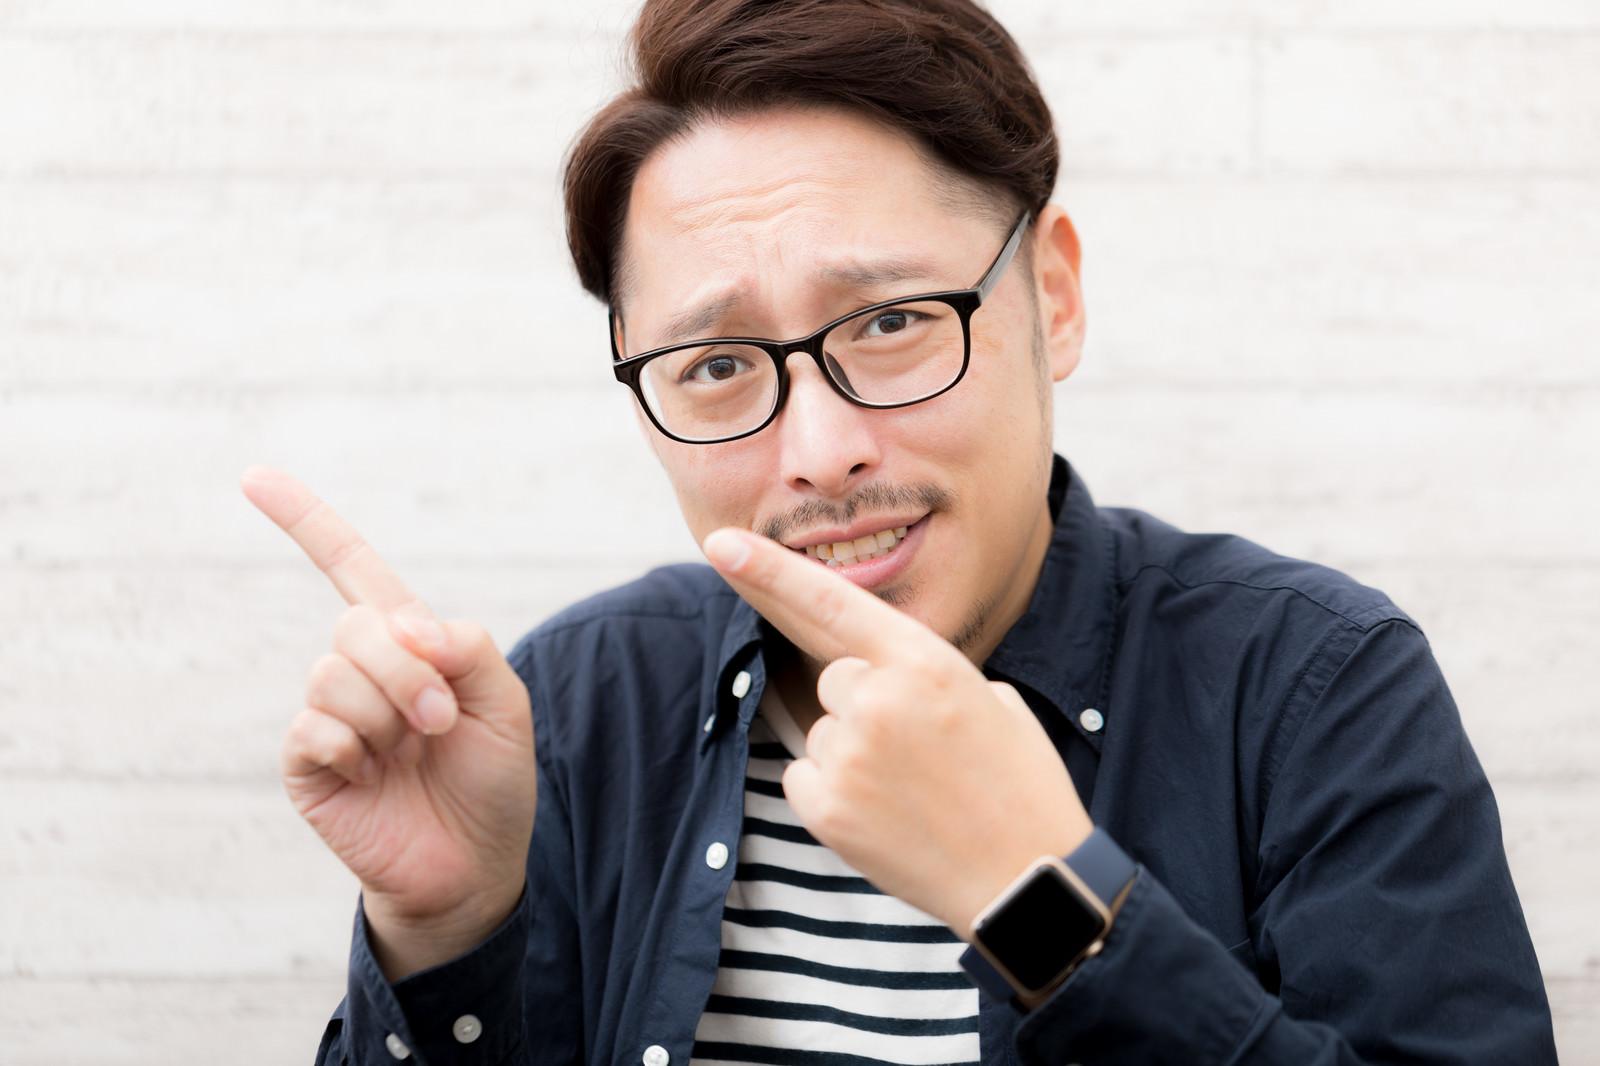 「チャンネル登録よろしくね!」の写真[モデル:ゆうせい]